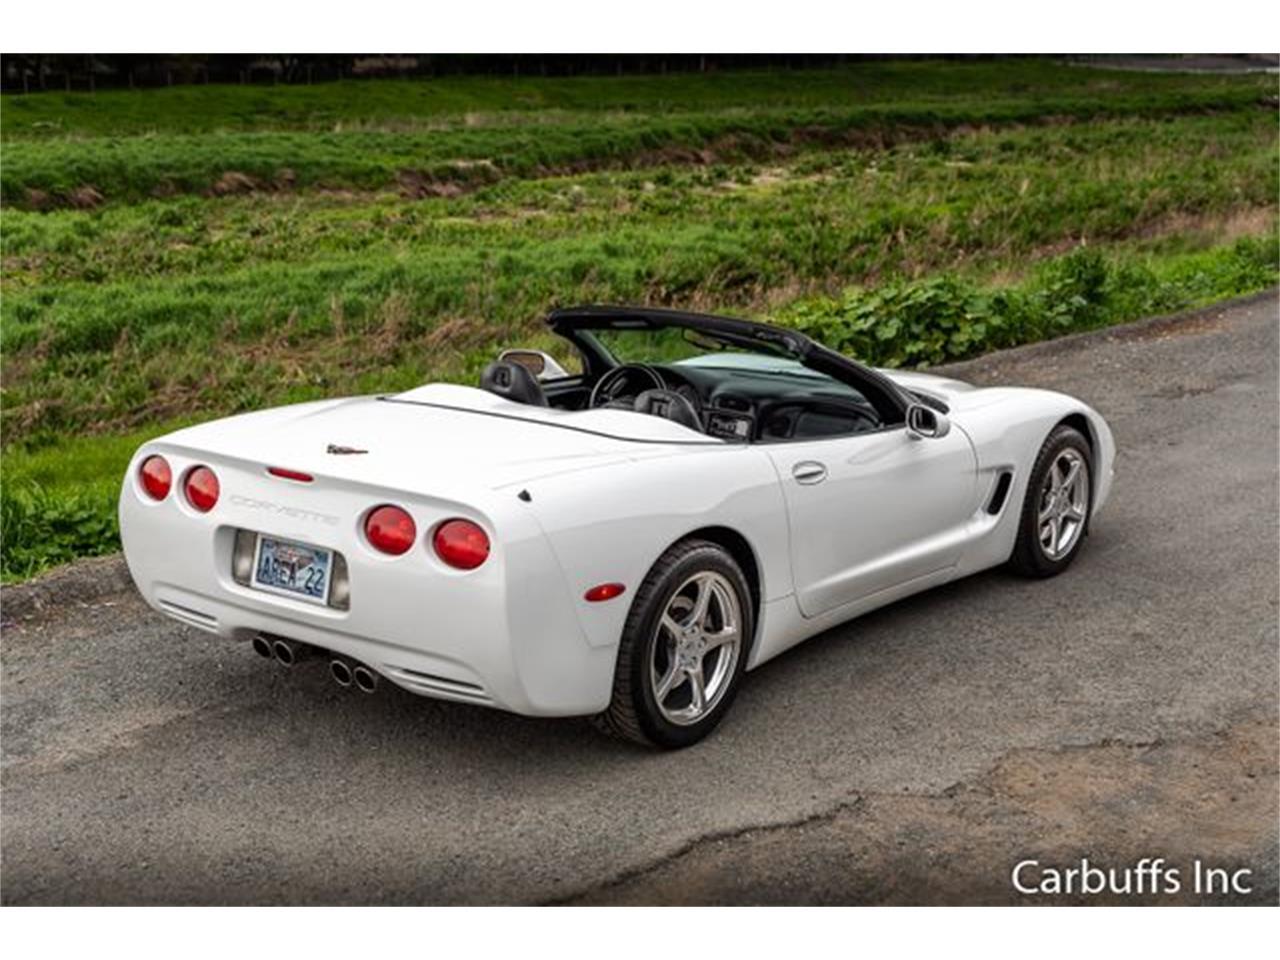 2000 Chevrolet Corvette (CC-1304420) for sale in Concord, California